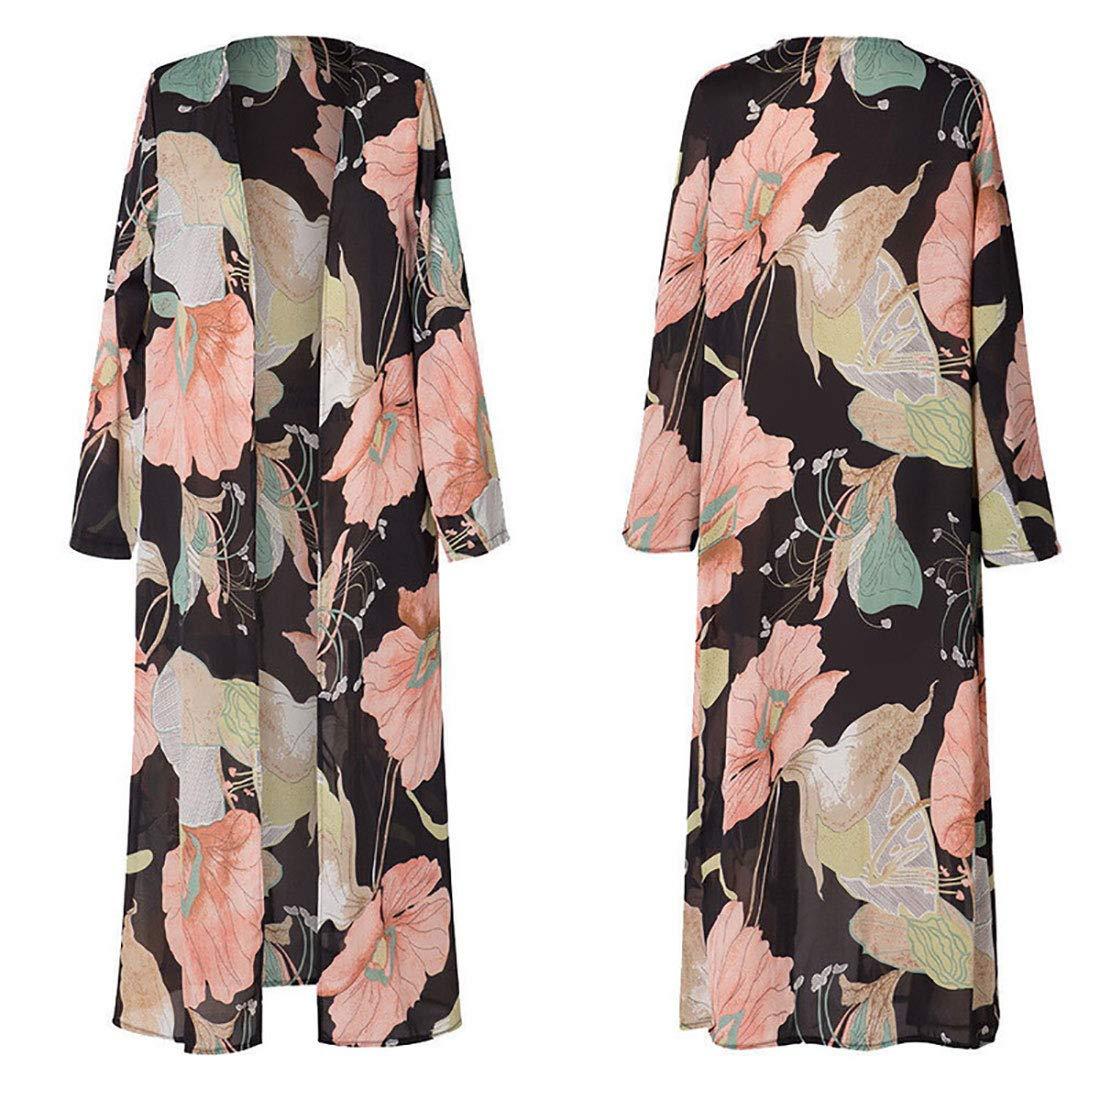 Vertvie Damen Chiffon Kimono Sommer Leicht Tuch Lange Cardigan Mit Blumen Muster Bikini Cover Up